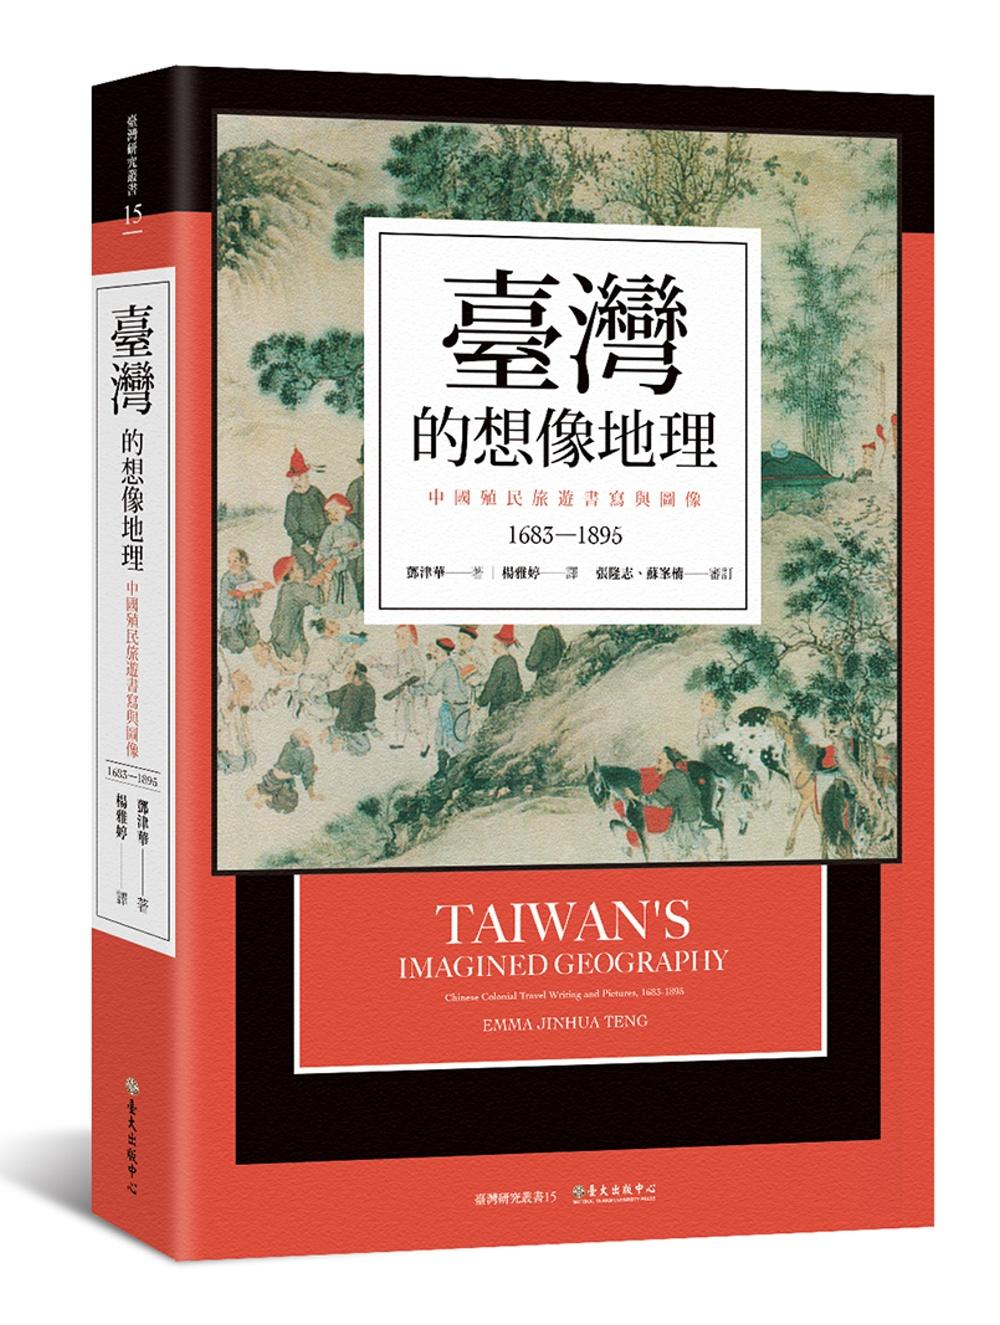 臺灣的想像地理:中國殖民旅遊書寫與圖像(1683-1895)